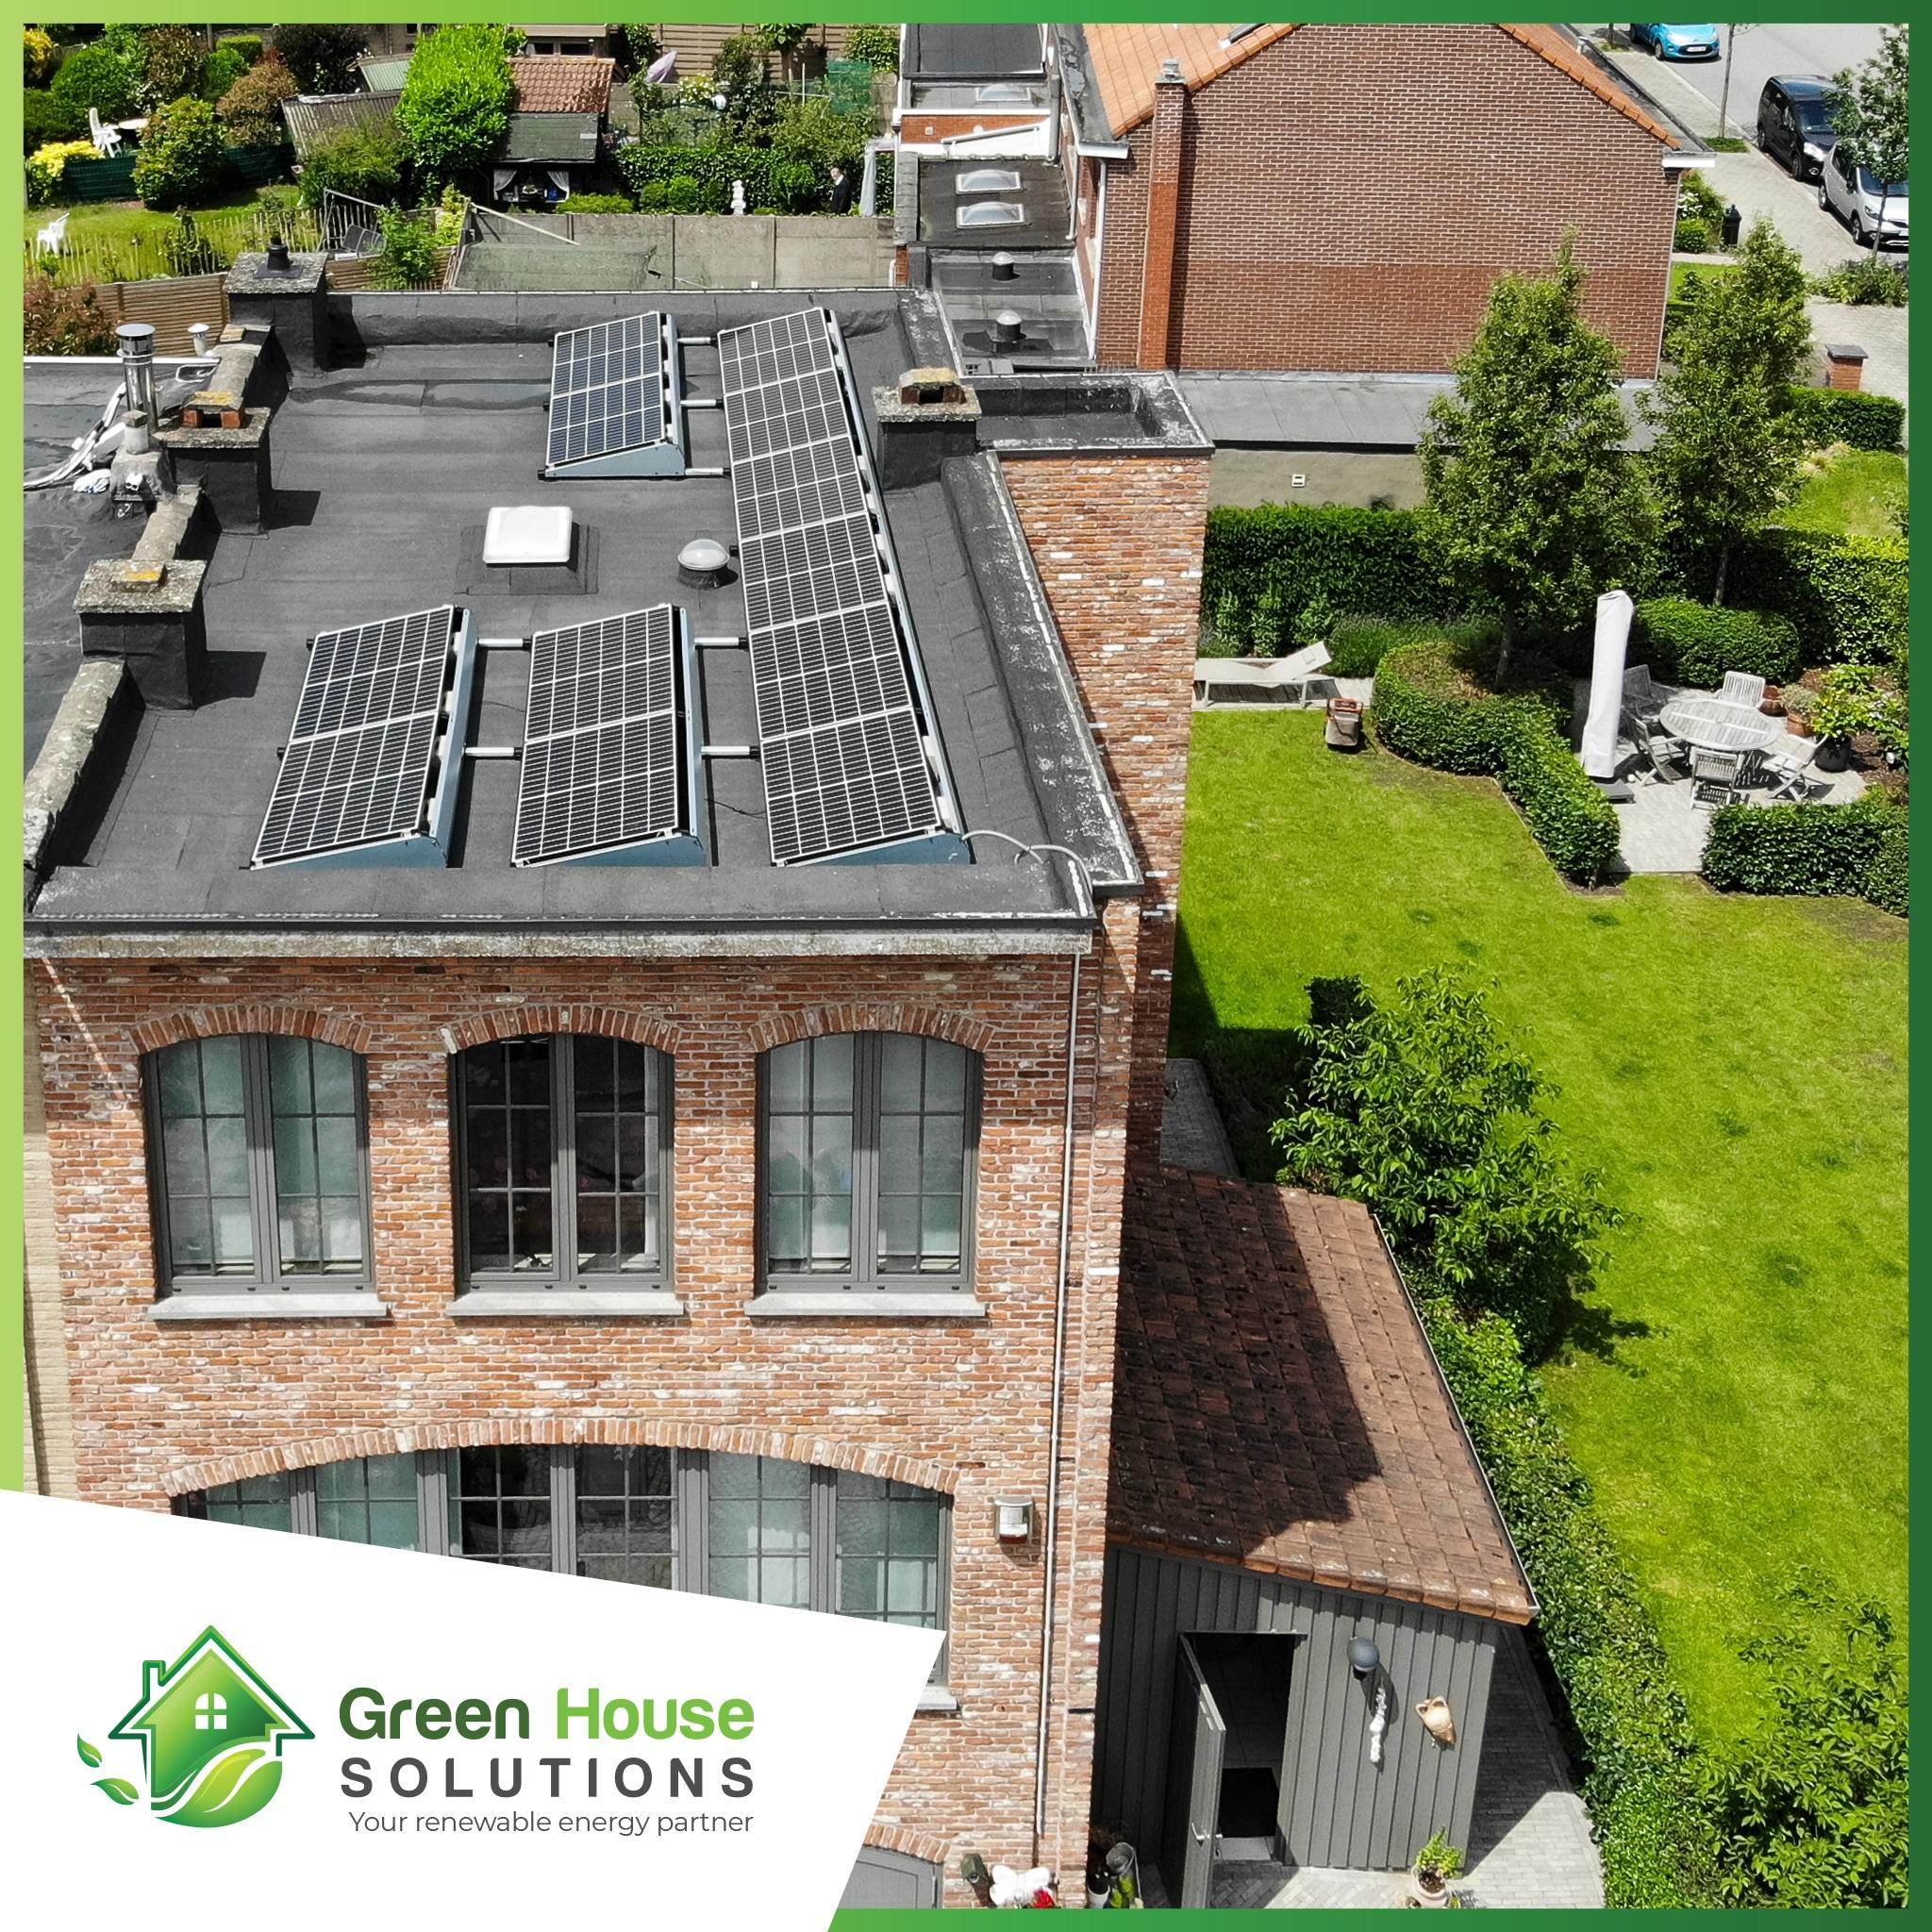 Green House Solutions zonnepanelen plaatsen installeren of kopen 00007